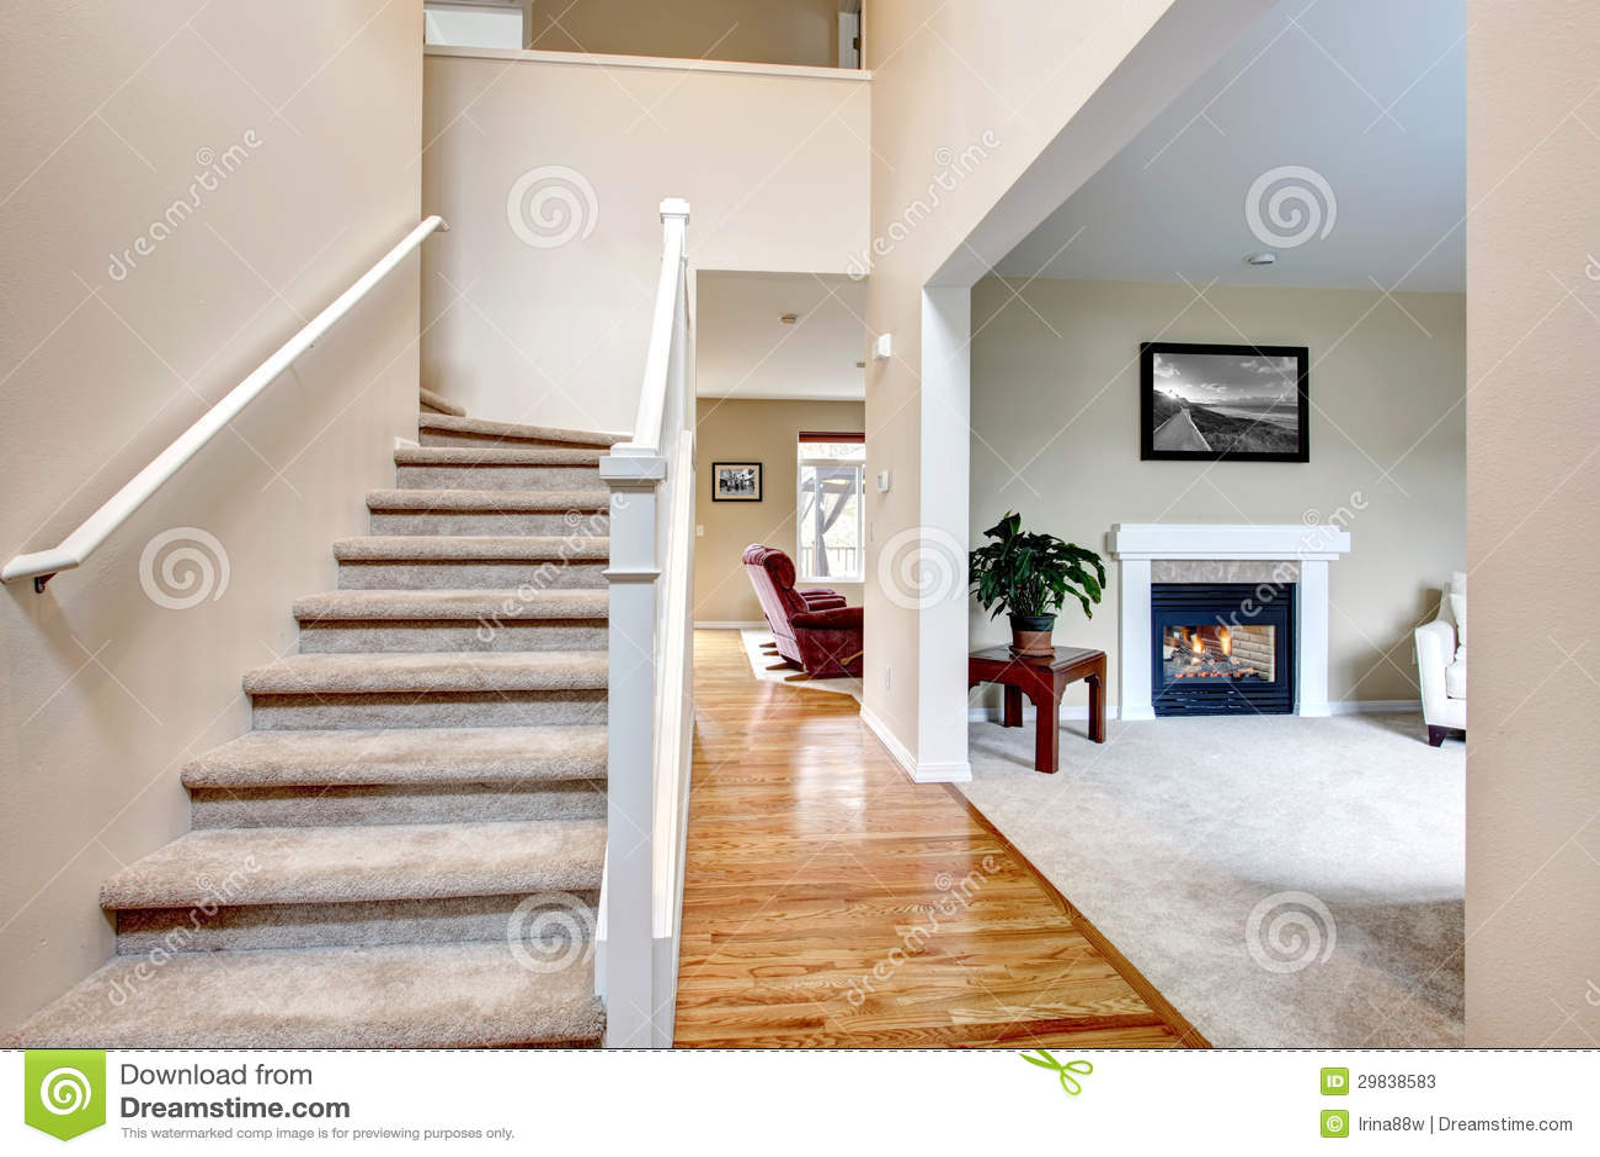 Int rieur la maison classique avec le salon et l escalier for Maison classique interieur